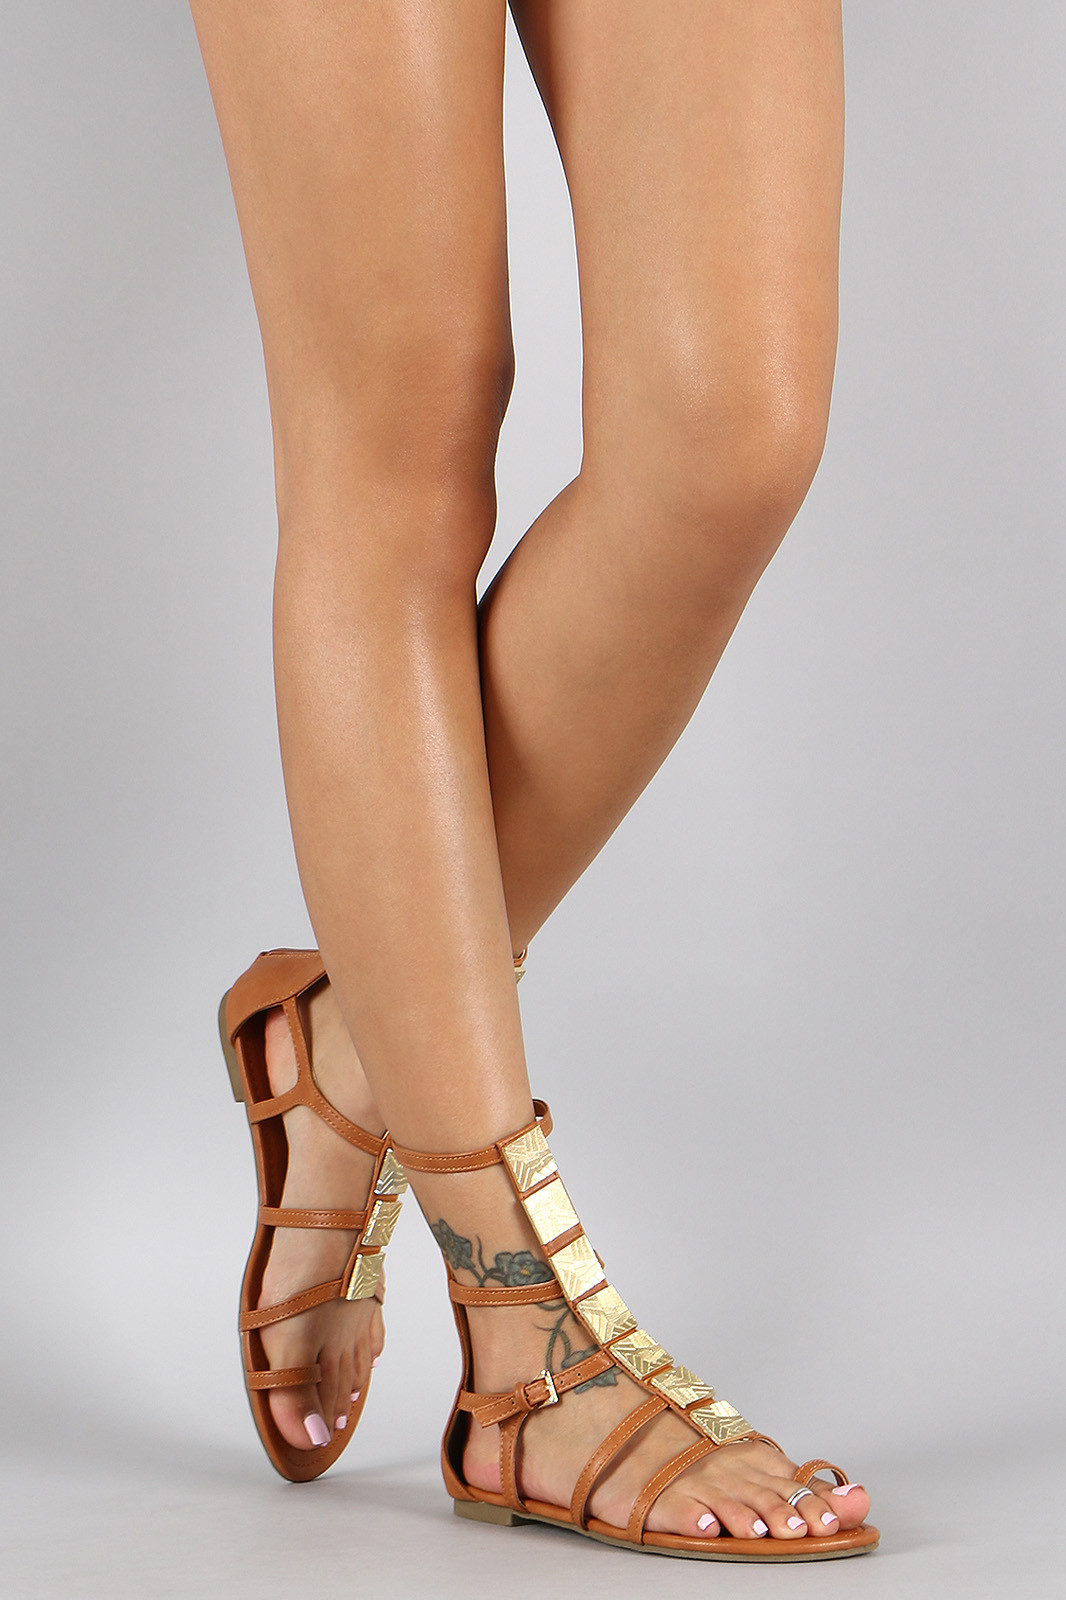 32019f317b84 shoes